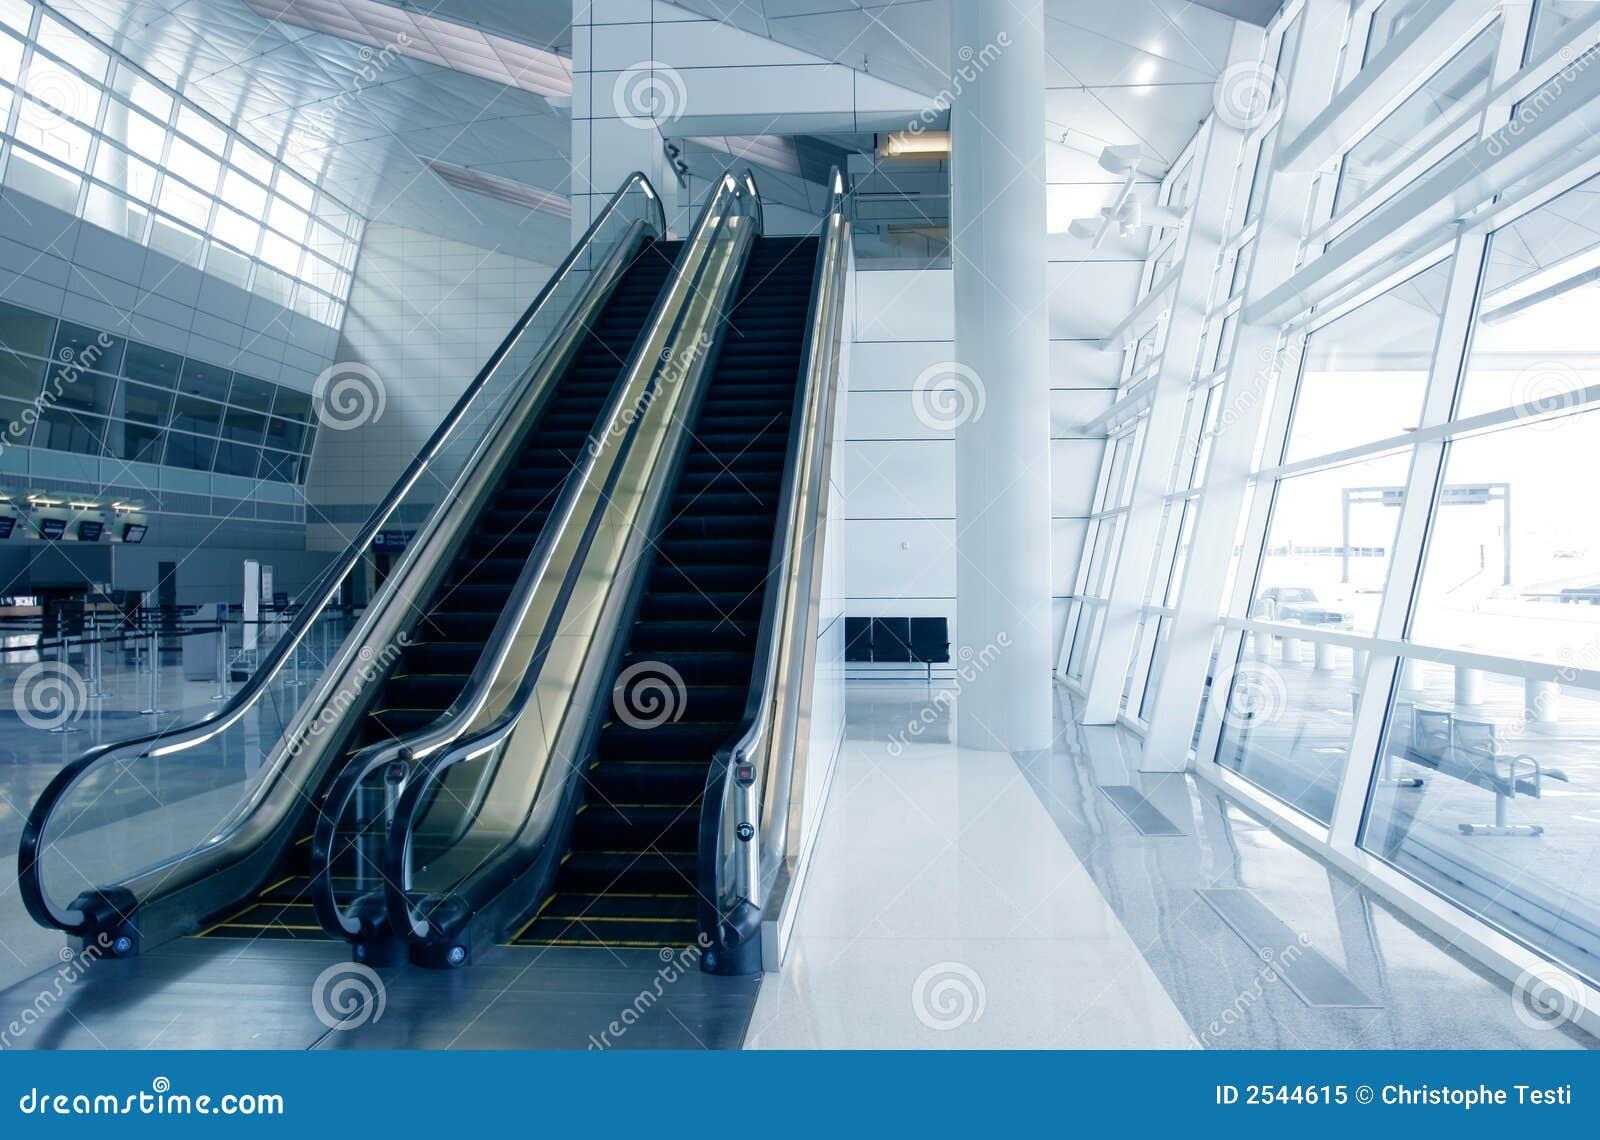 modern-airport-architecture-2544615.jpg